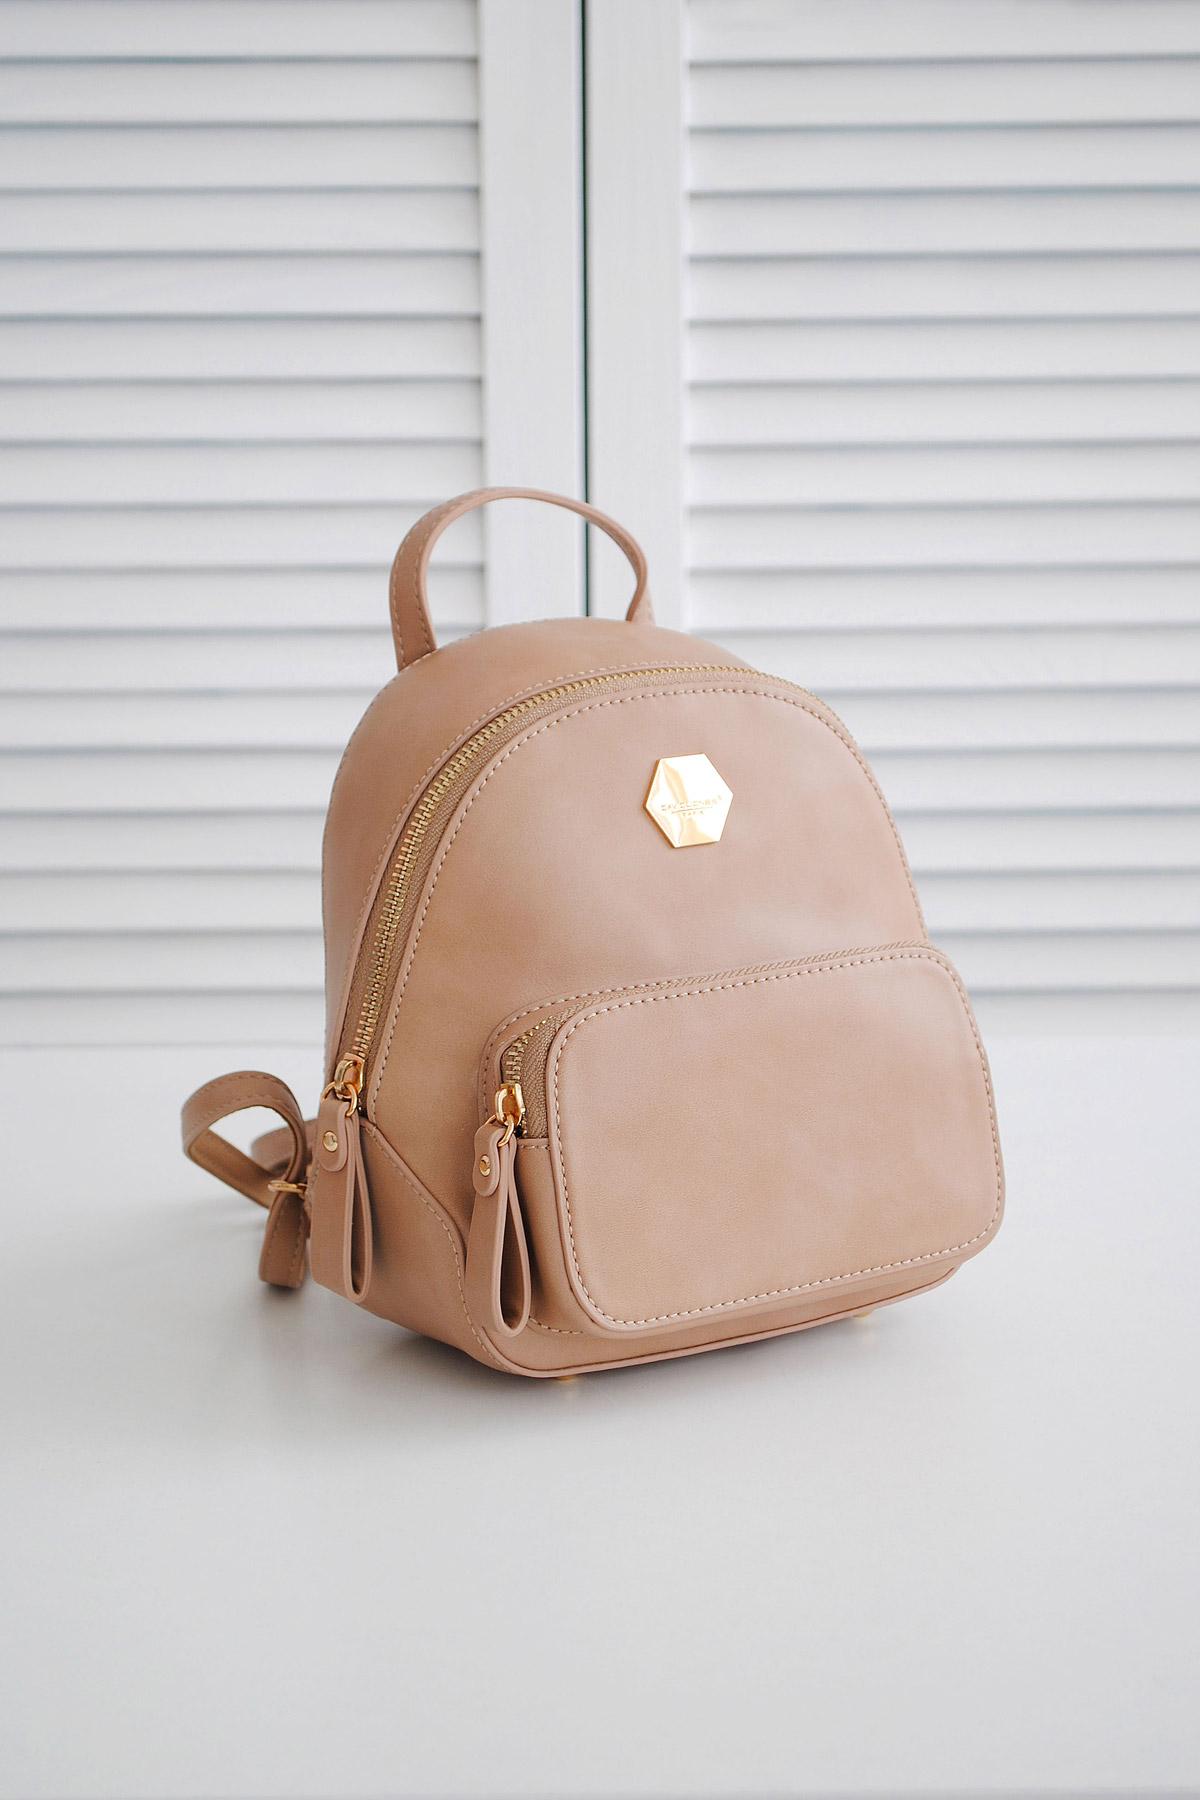 ac21d17a1a6a женский мини рюкзак белого цвета. Рюкзак 5526-2. Цвет  капучино